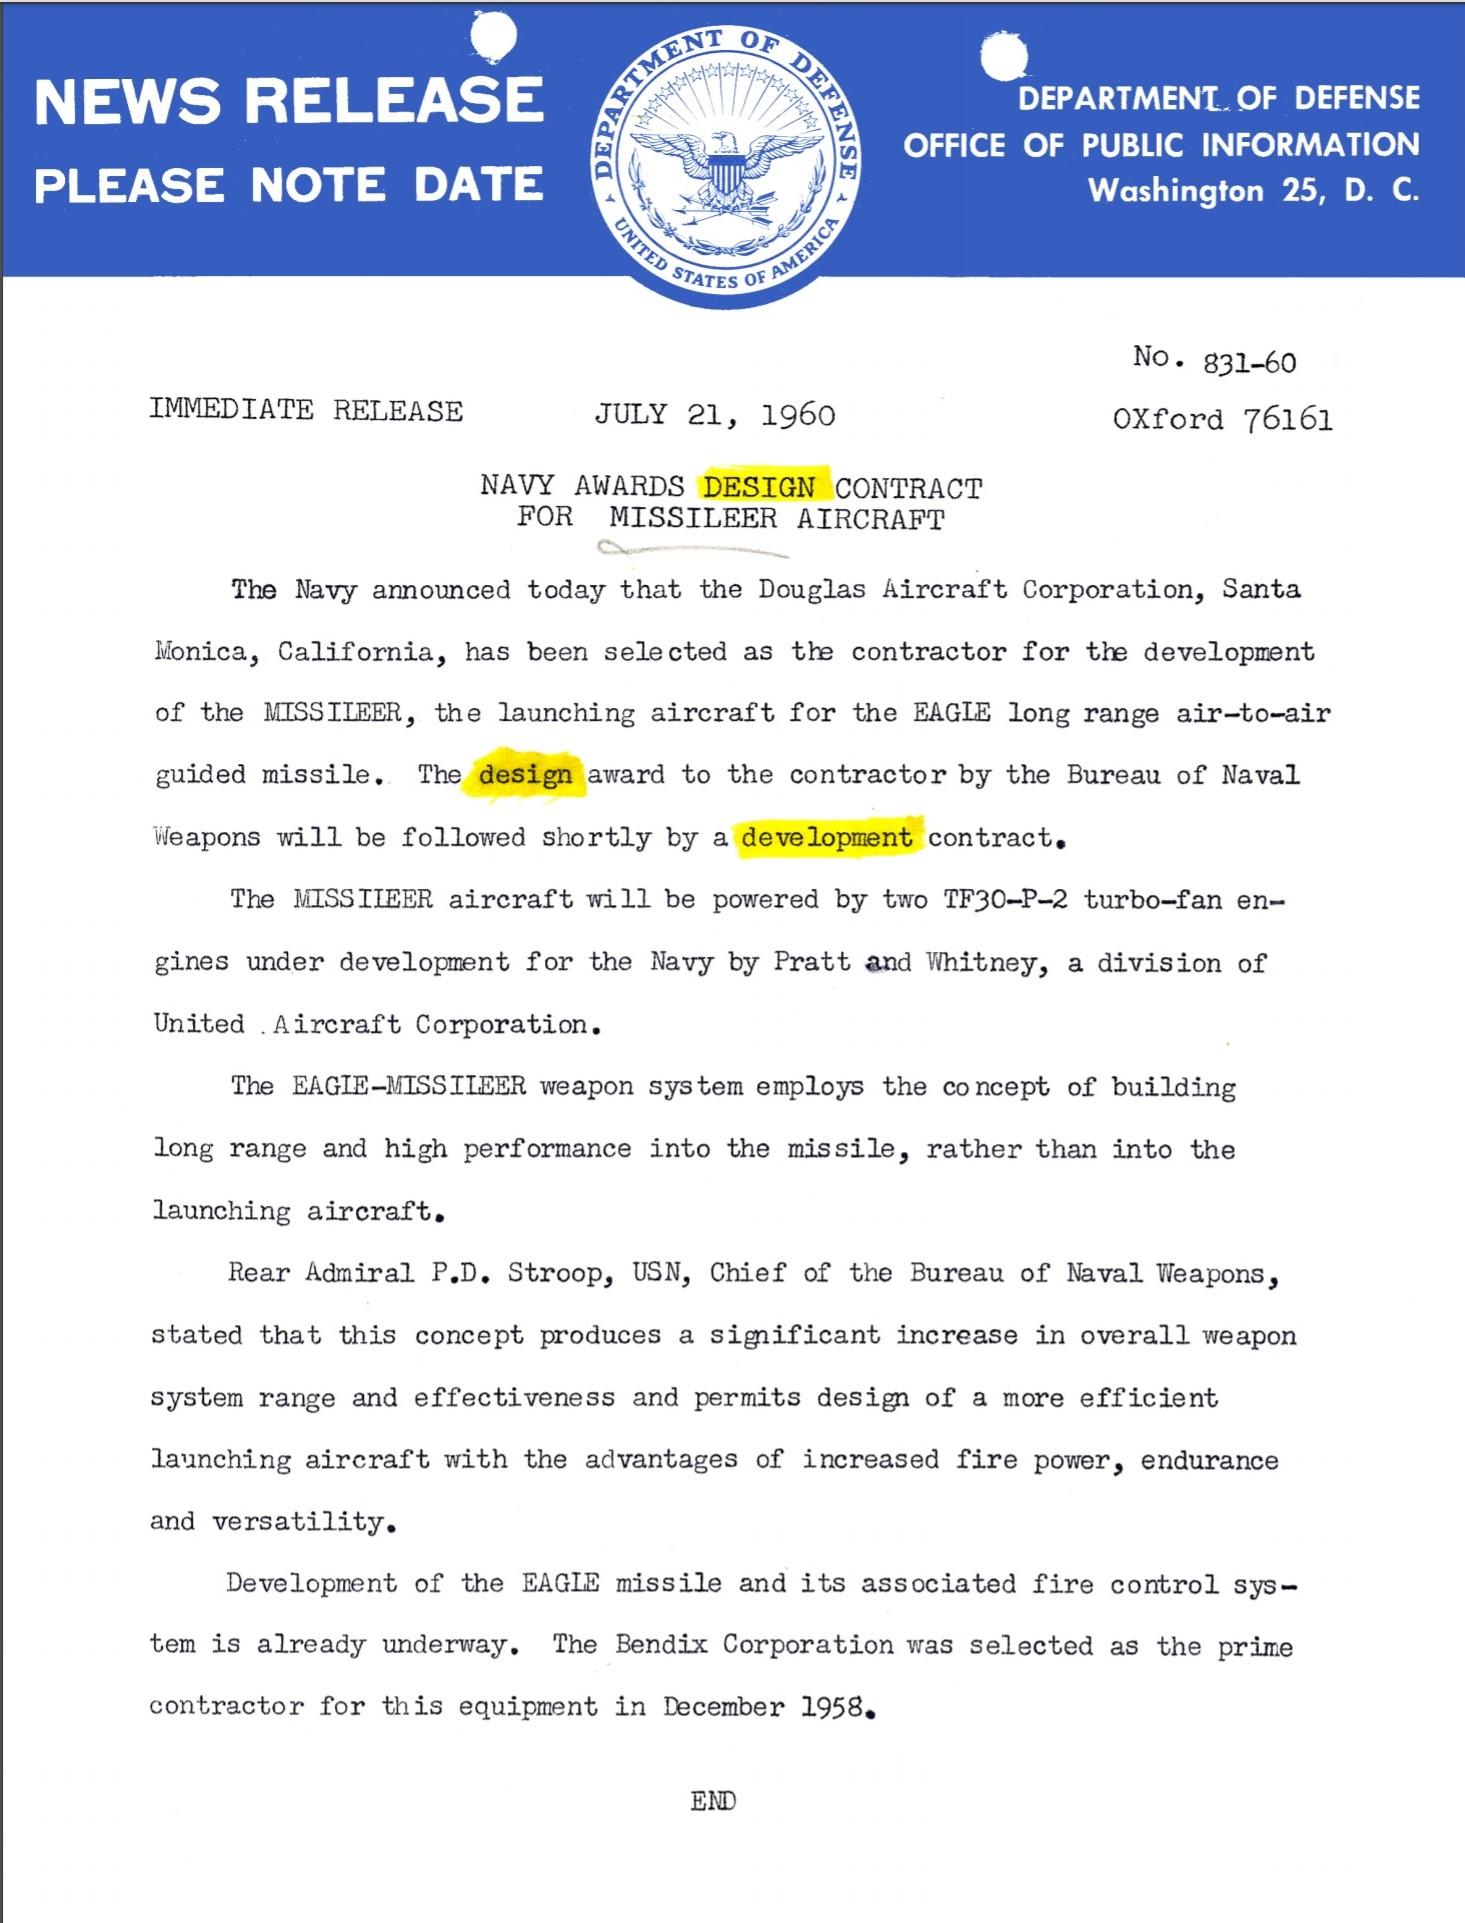 f6d-1_missileer_press_release_21_july_1960.jpg